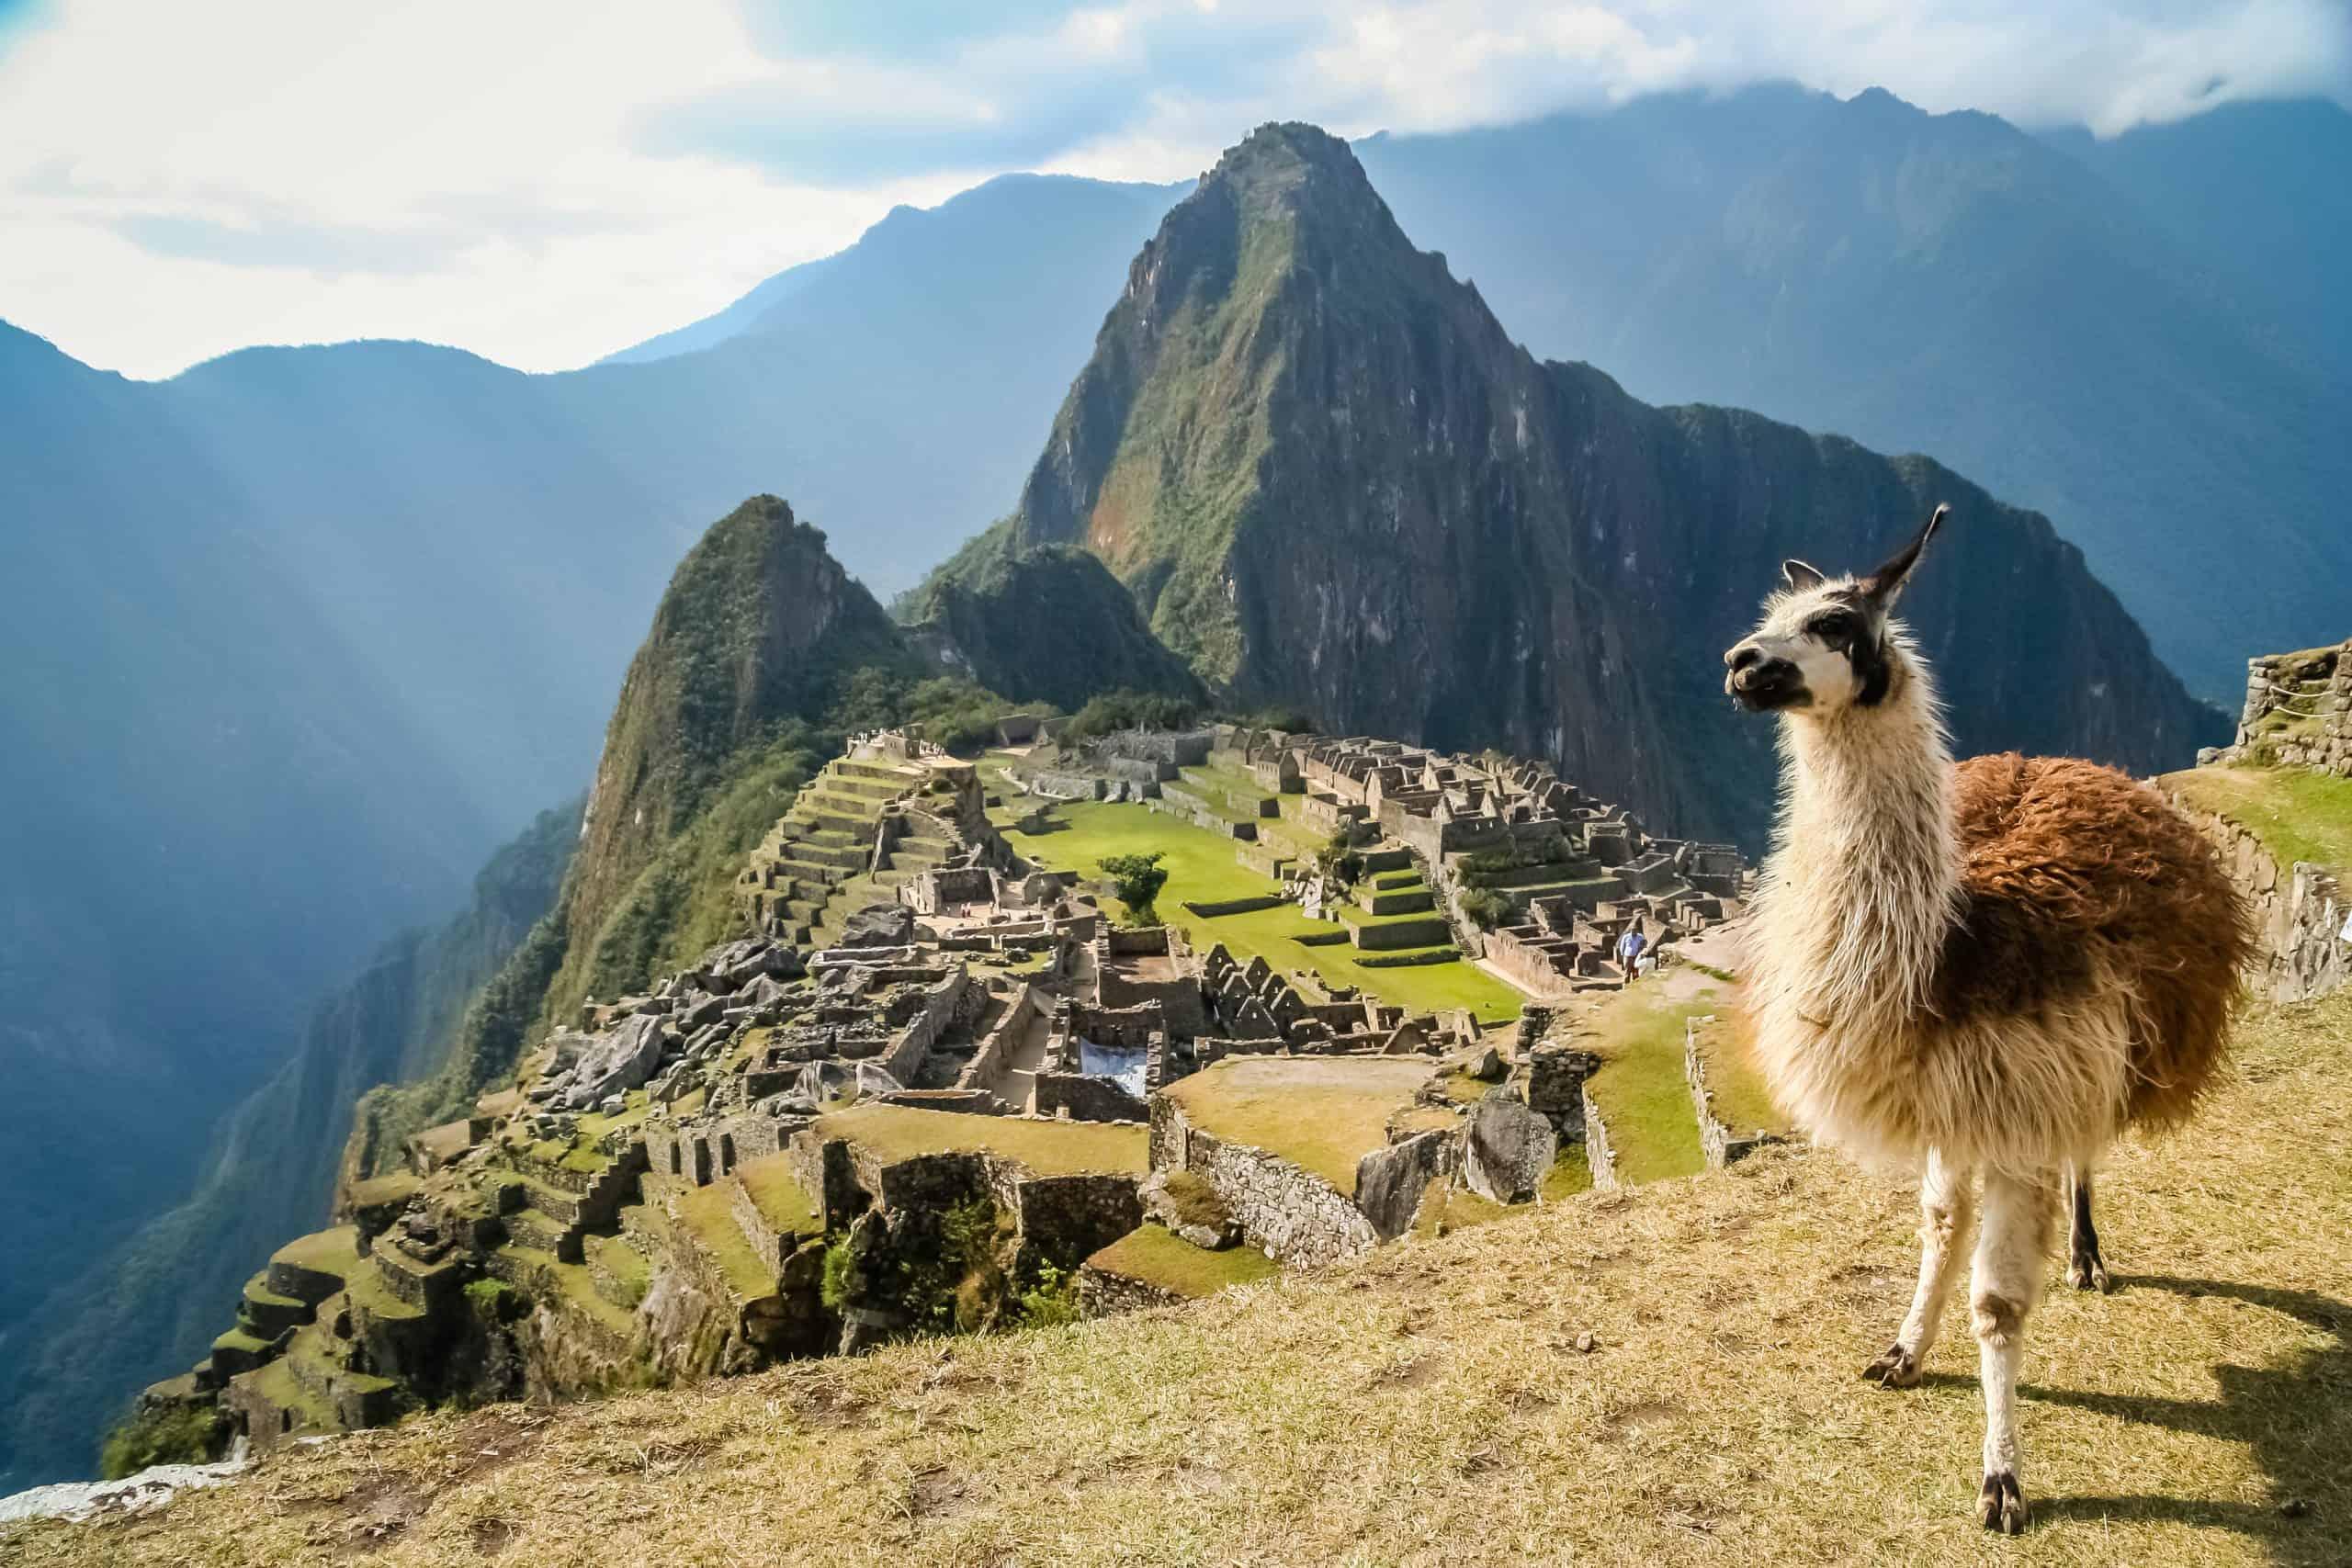 Lama in Macchu Picchu, Peru